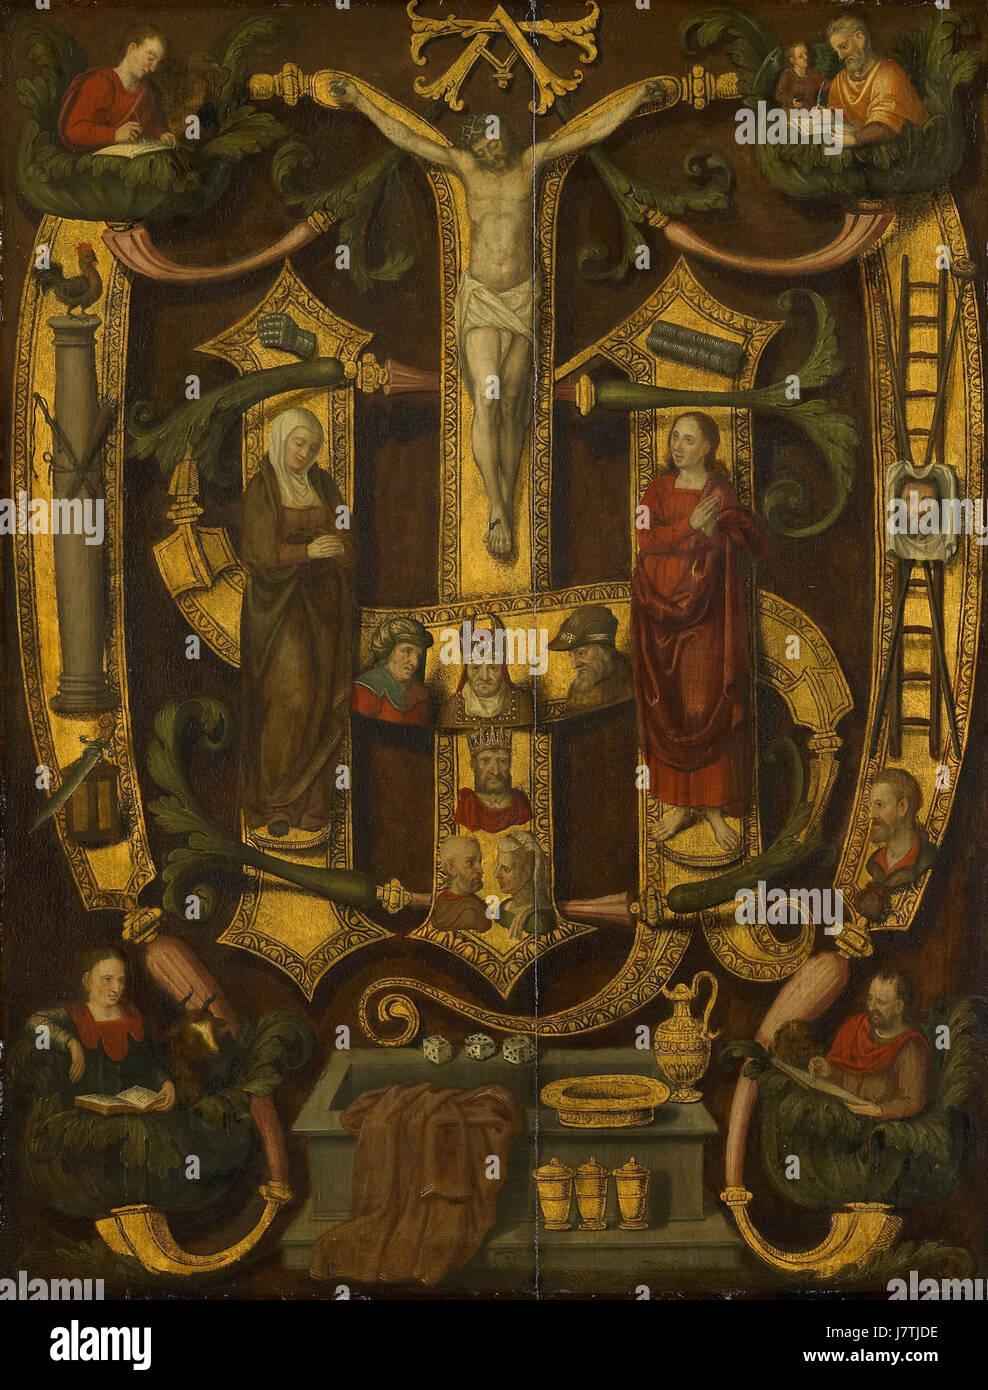 Arma Christi Rijksmuseum SK C 508 Stock Photo